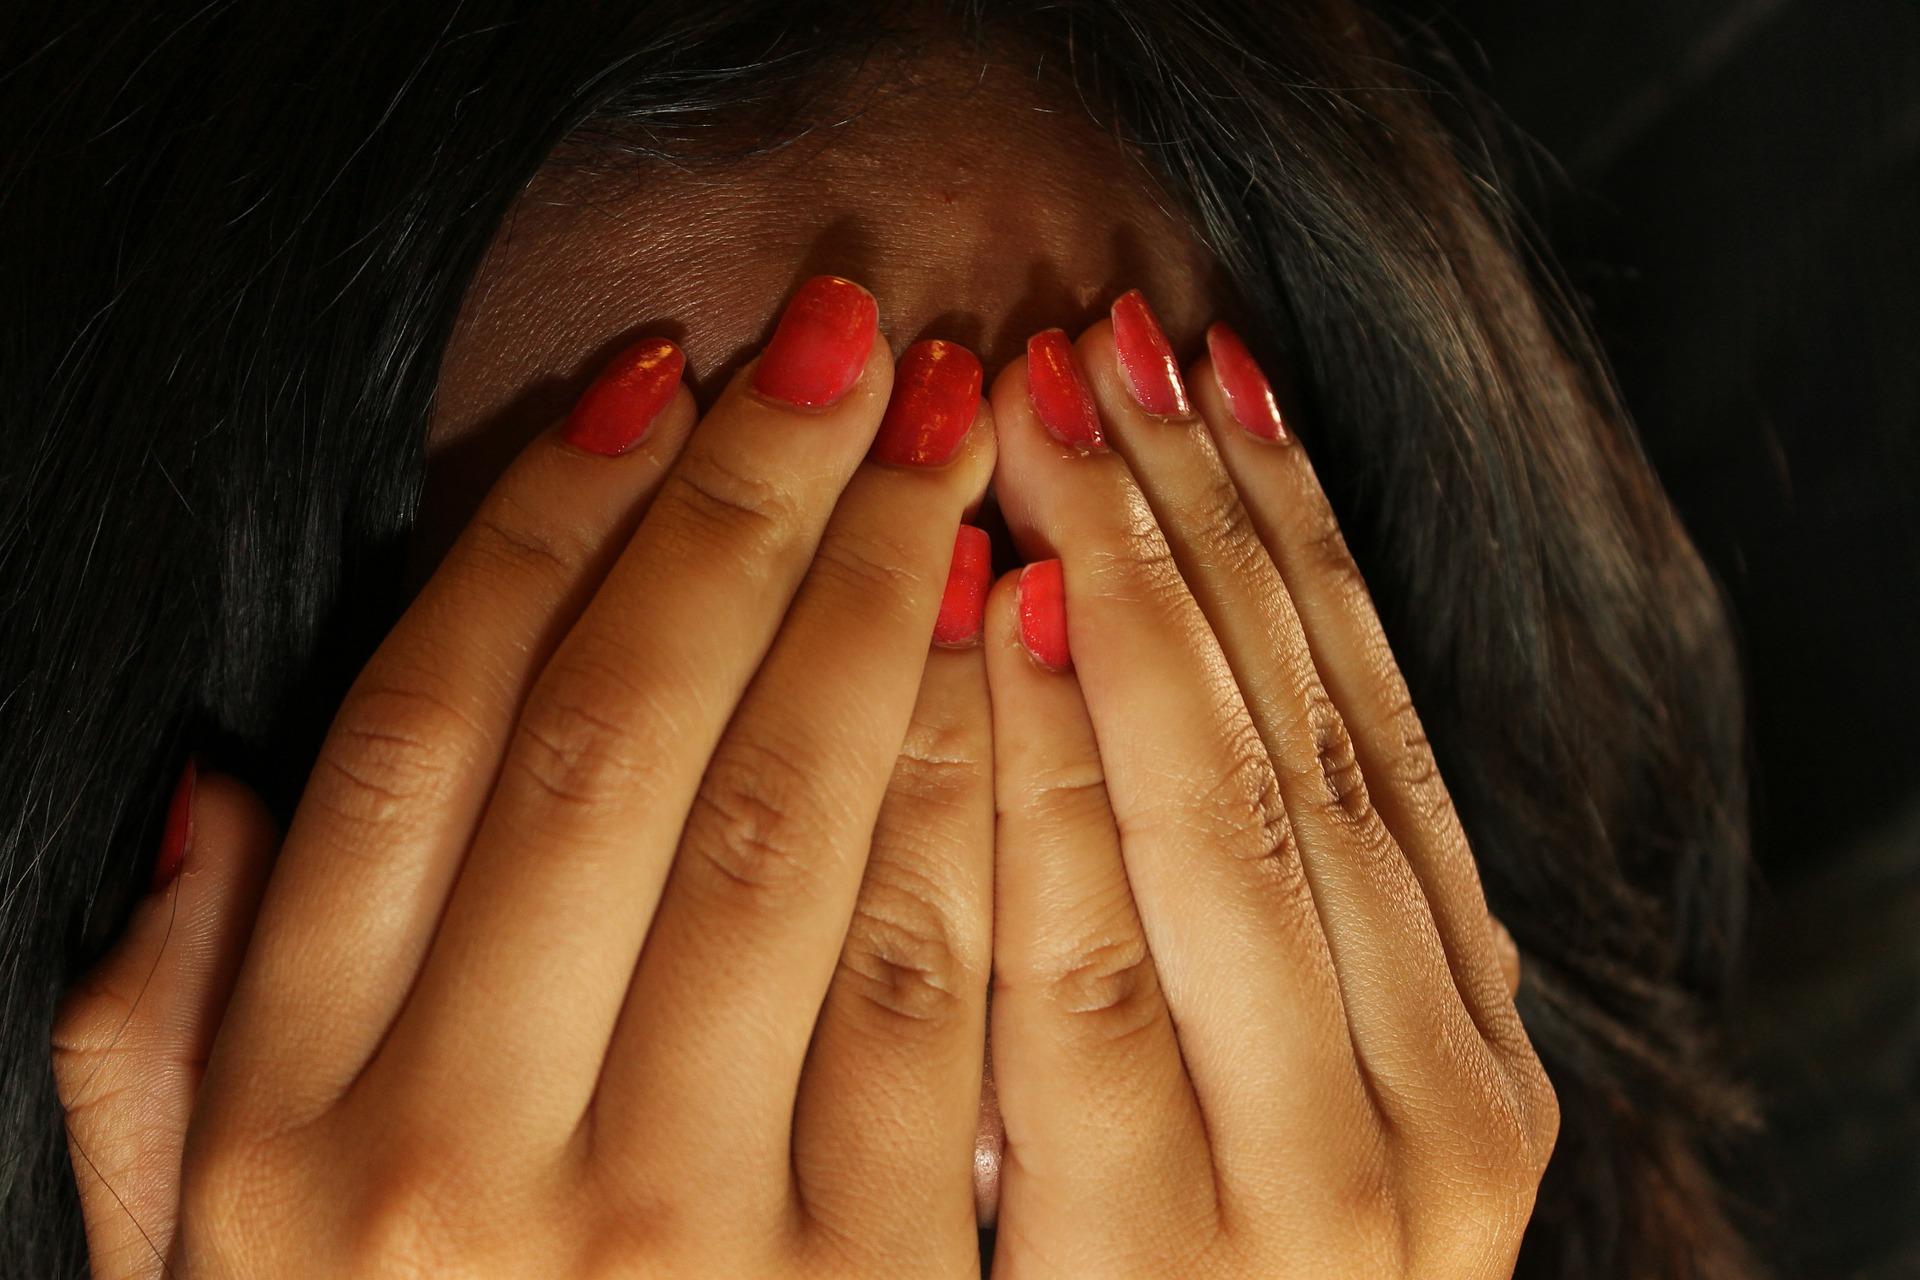 vina - teama - crima - sfatulparintilor.ro - pixabay_com - fear-299679_1920